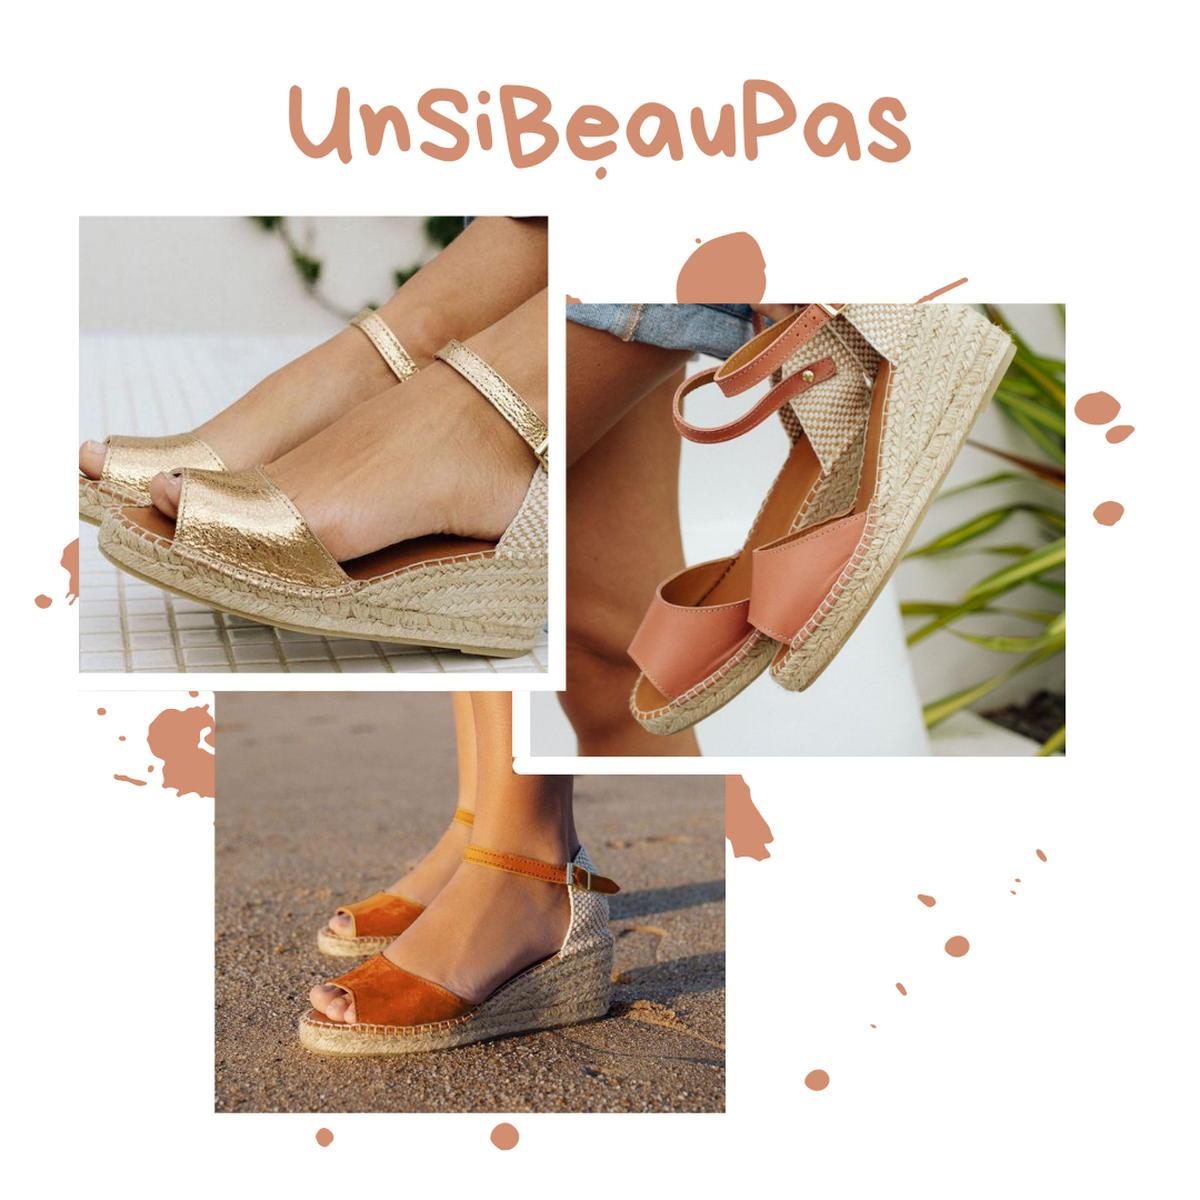 Unsibeaupas - Espadrilles - dorée - nude -terracotta - talon compensé - made in France - Mauléon - Pays Basque